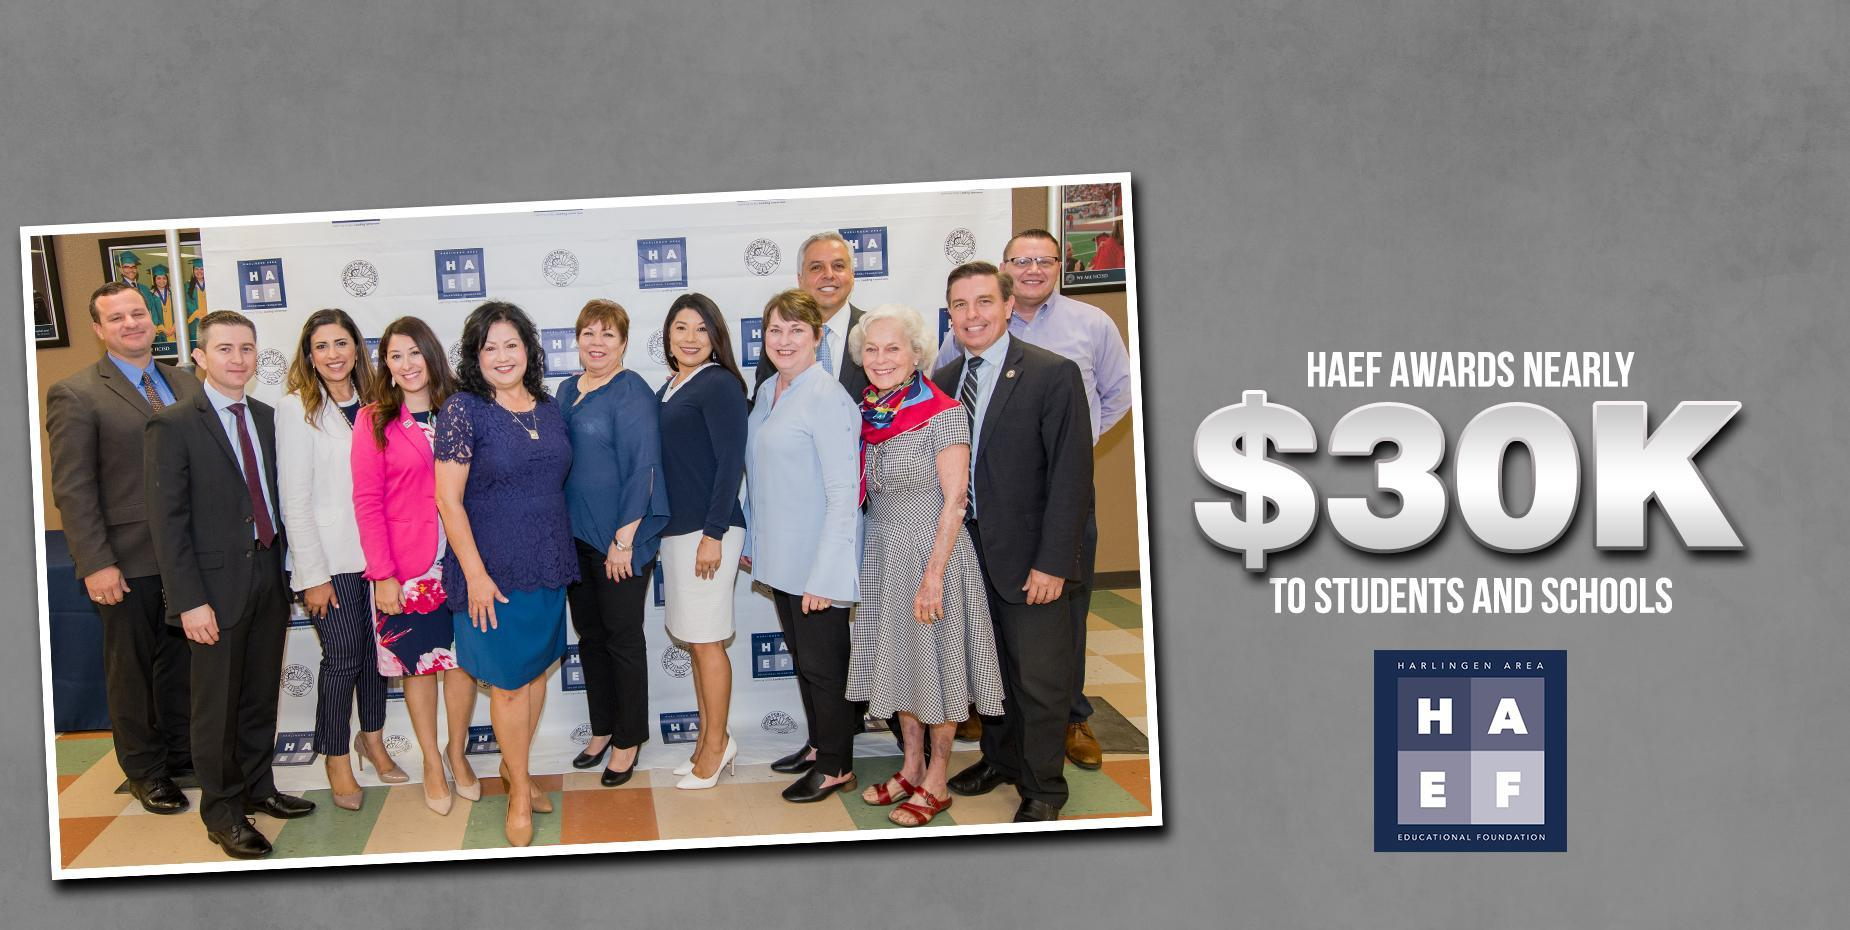 HAEF Awards Nearly 30K to Students